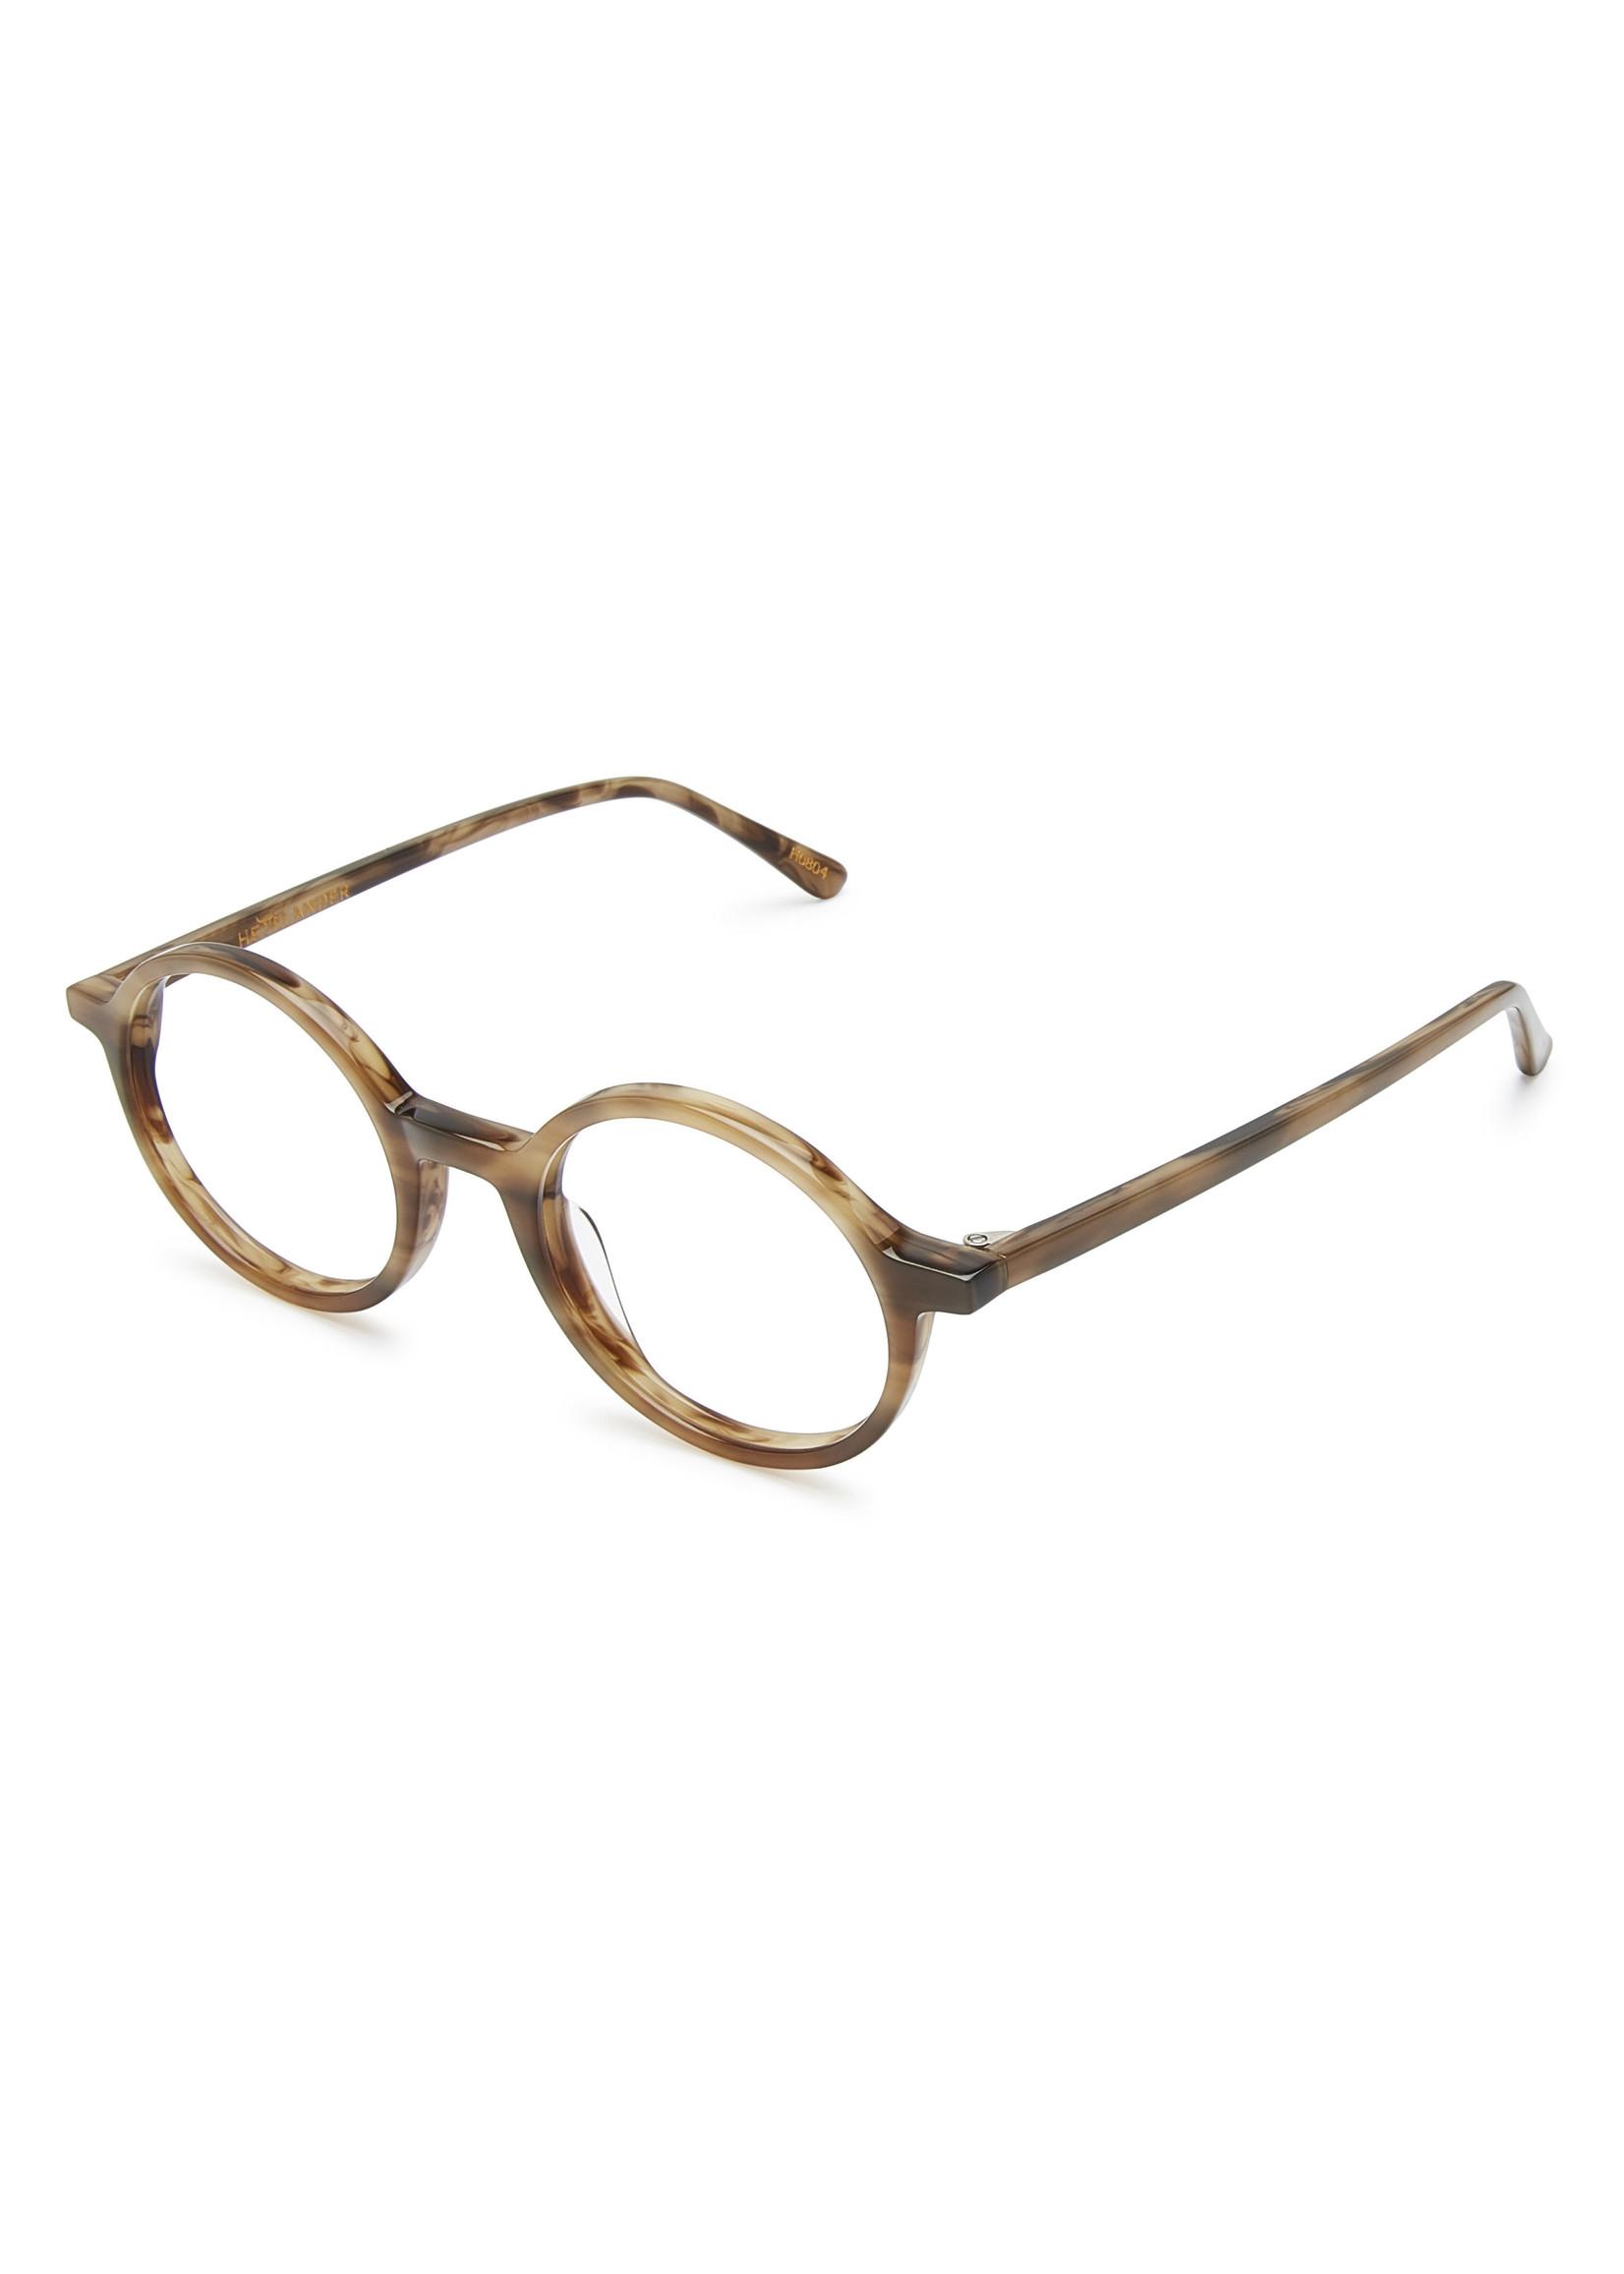 Heyelander Design Brillen  Heyelander Desigh Leesbril Vanora Dark Gentlemen's Brown